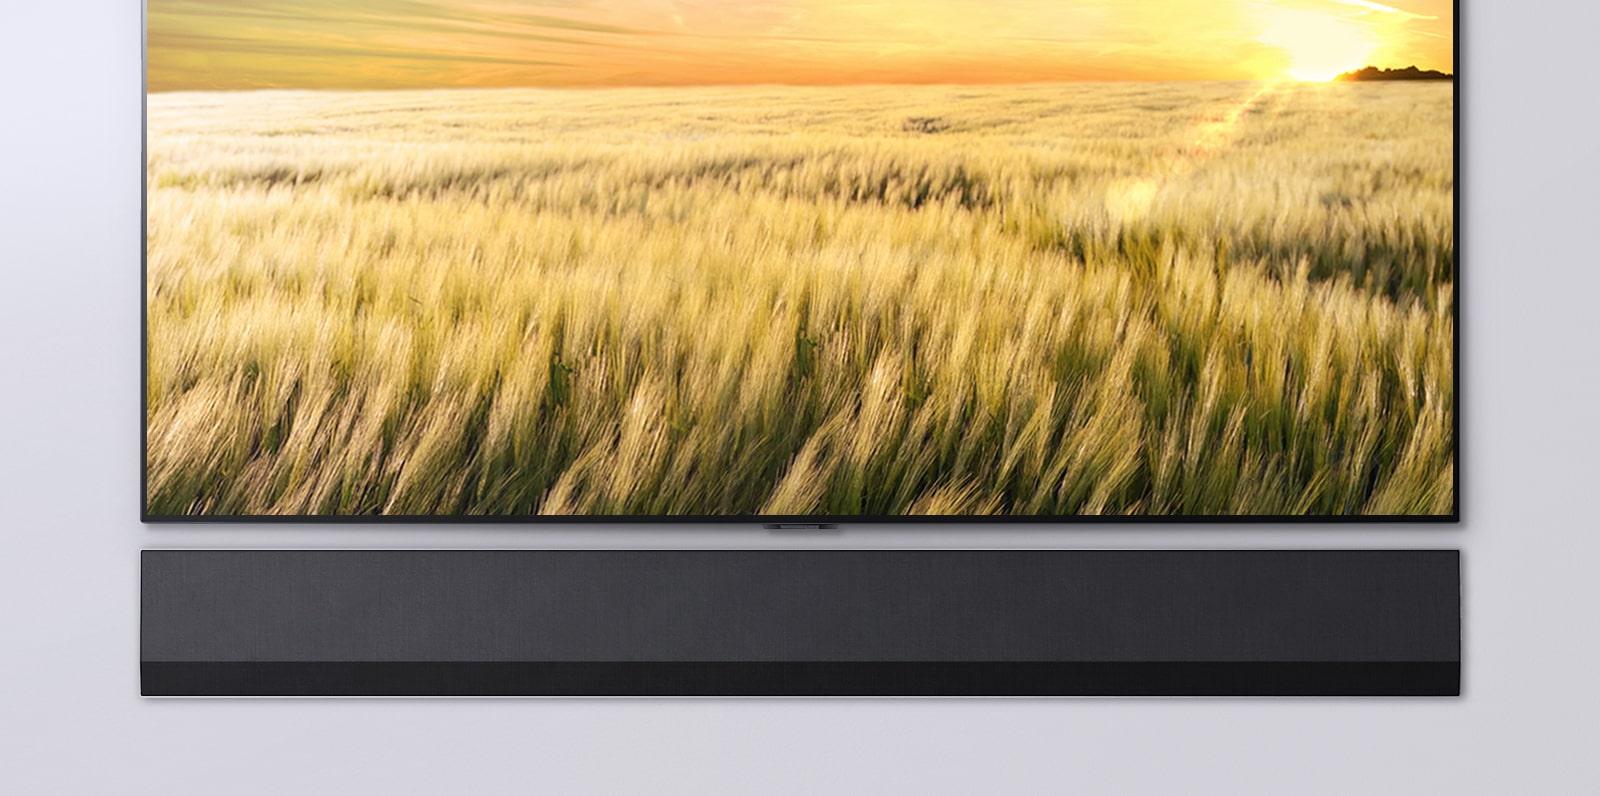 Vista frontale di una TV e una soundbar. La TV mostra un canneto al tramonto.